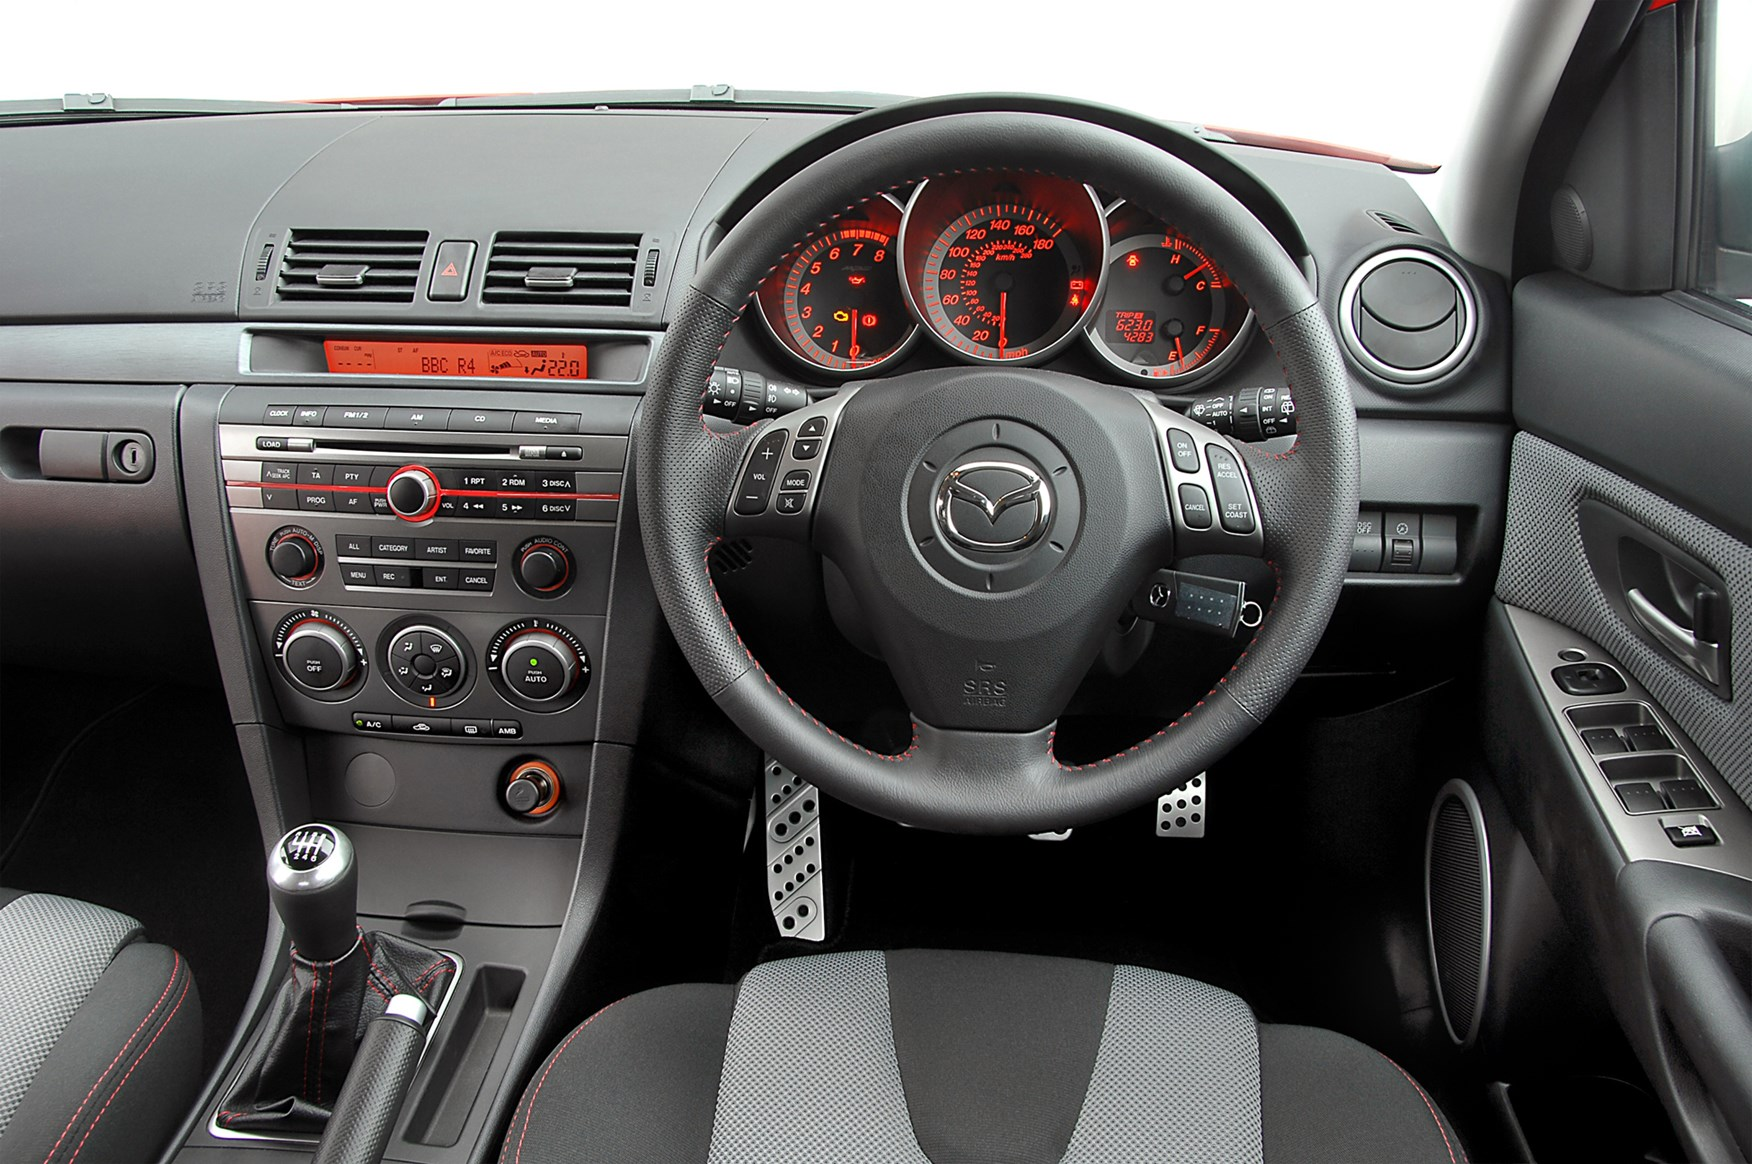 Mazda 3 MPS I 2006 - 2008 Hatchback 5 door :: OUTSTANDING CARS